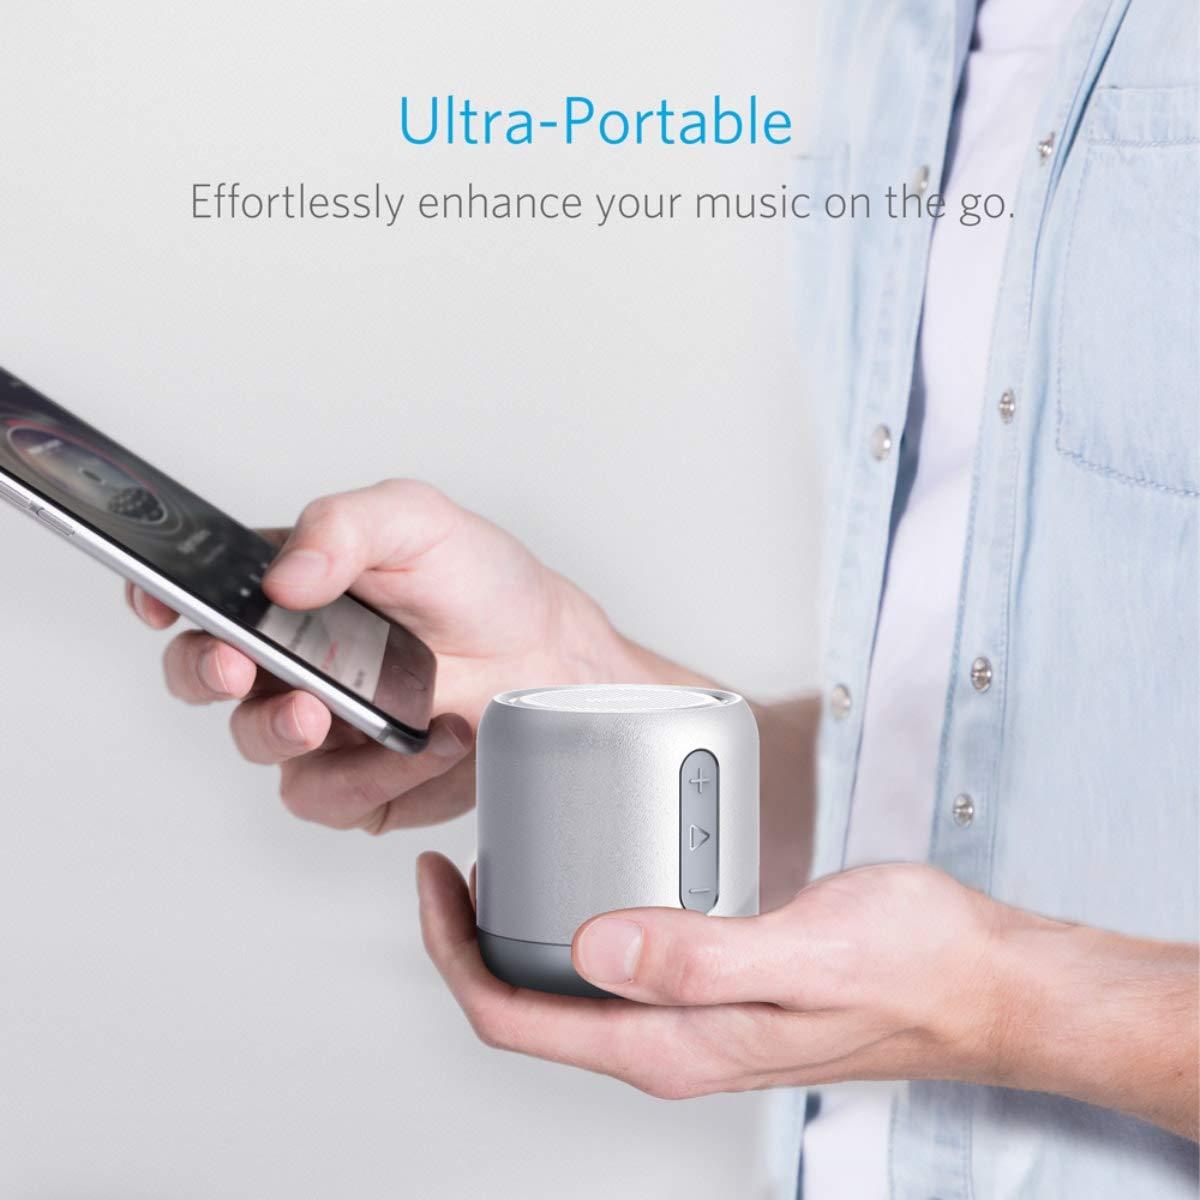 Micro et Basses Renforc/ées Port/ée Bluetooth de 20 M/ètres Port Micro SD Haut Parleur avec Autonomie de 15 Heures Anker SoundCore mini Enceinte Bluetooth Portable